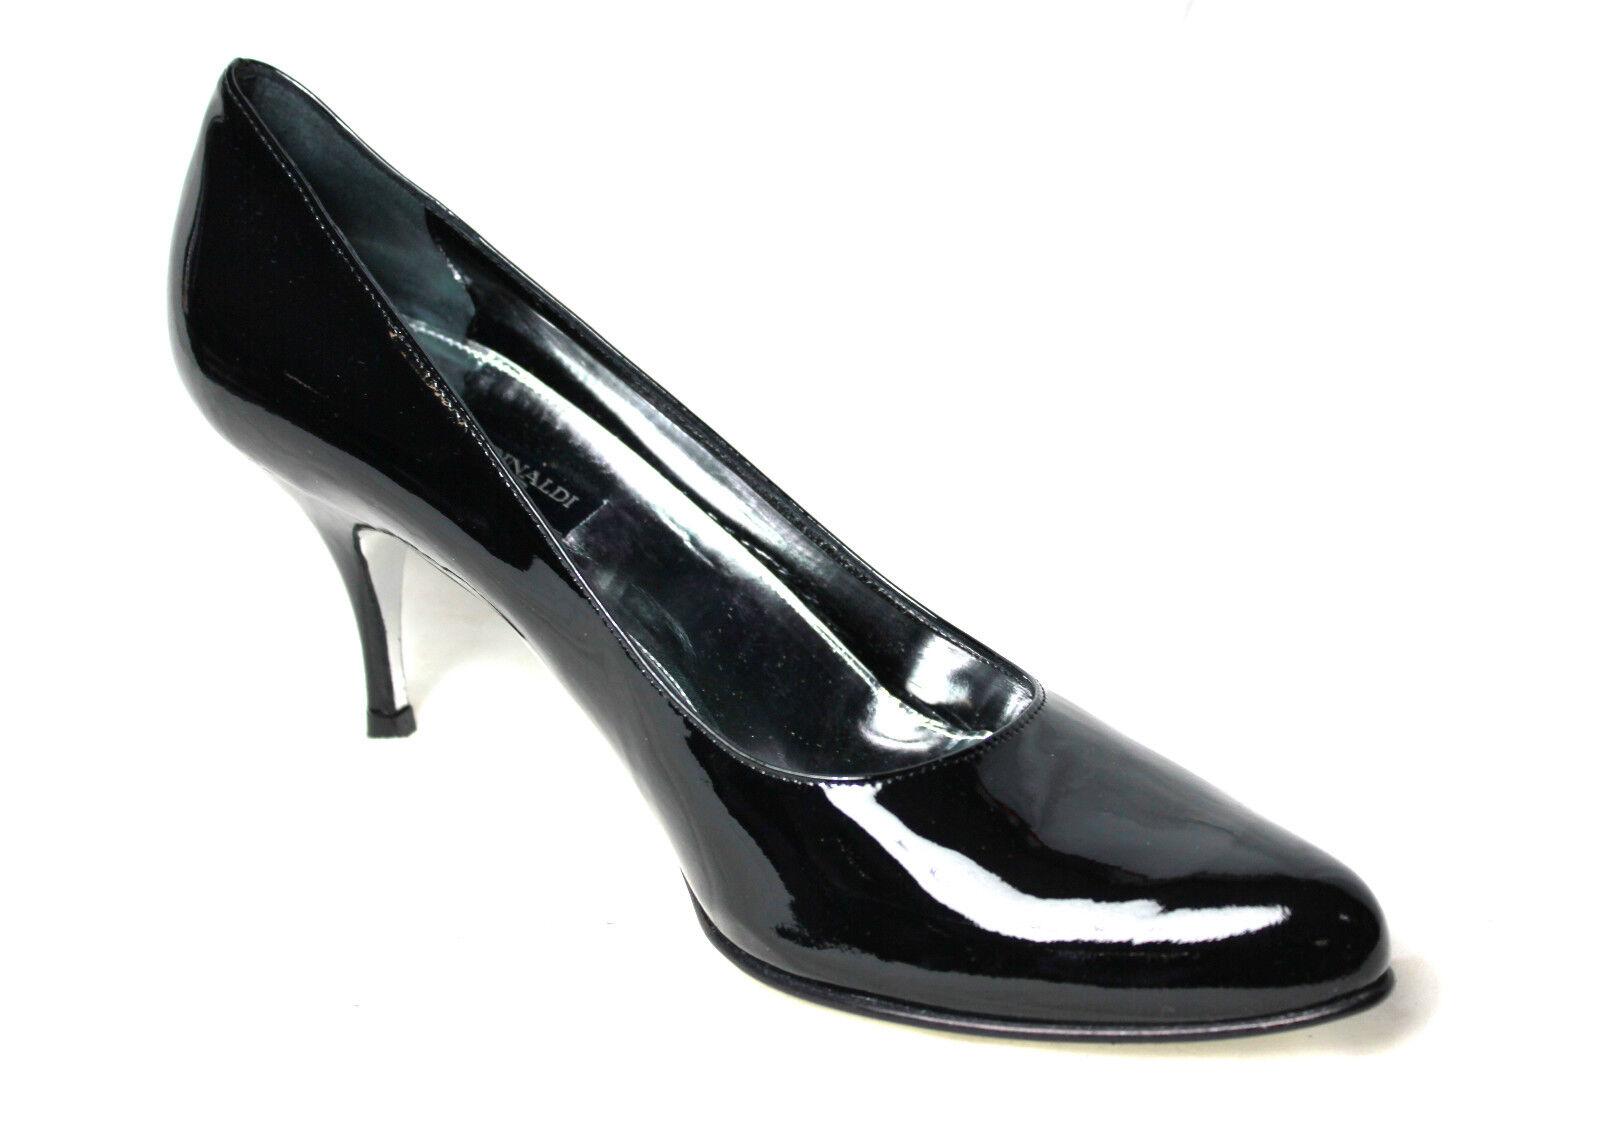 Descuento barato MARINA RINALDI zapatos de mujer charol negra 100% piel MADE IN ITALY talla 41